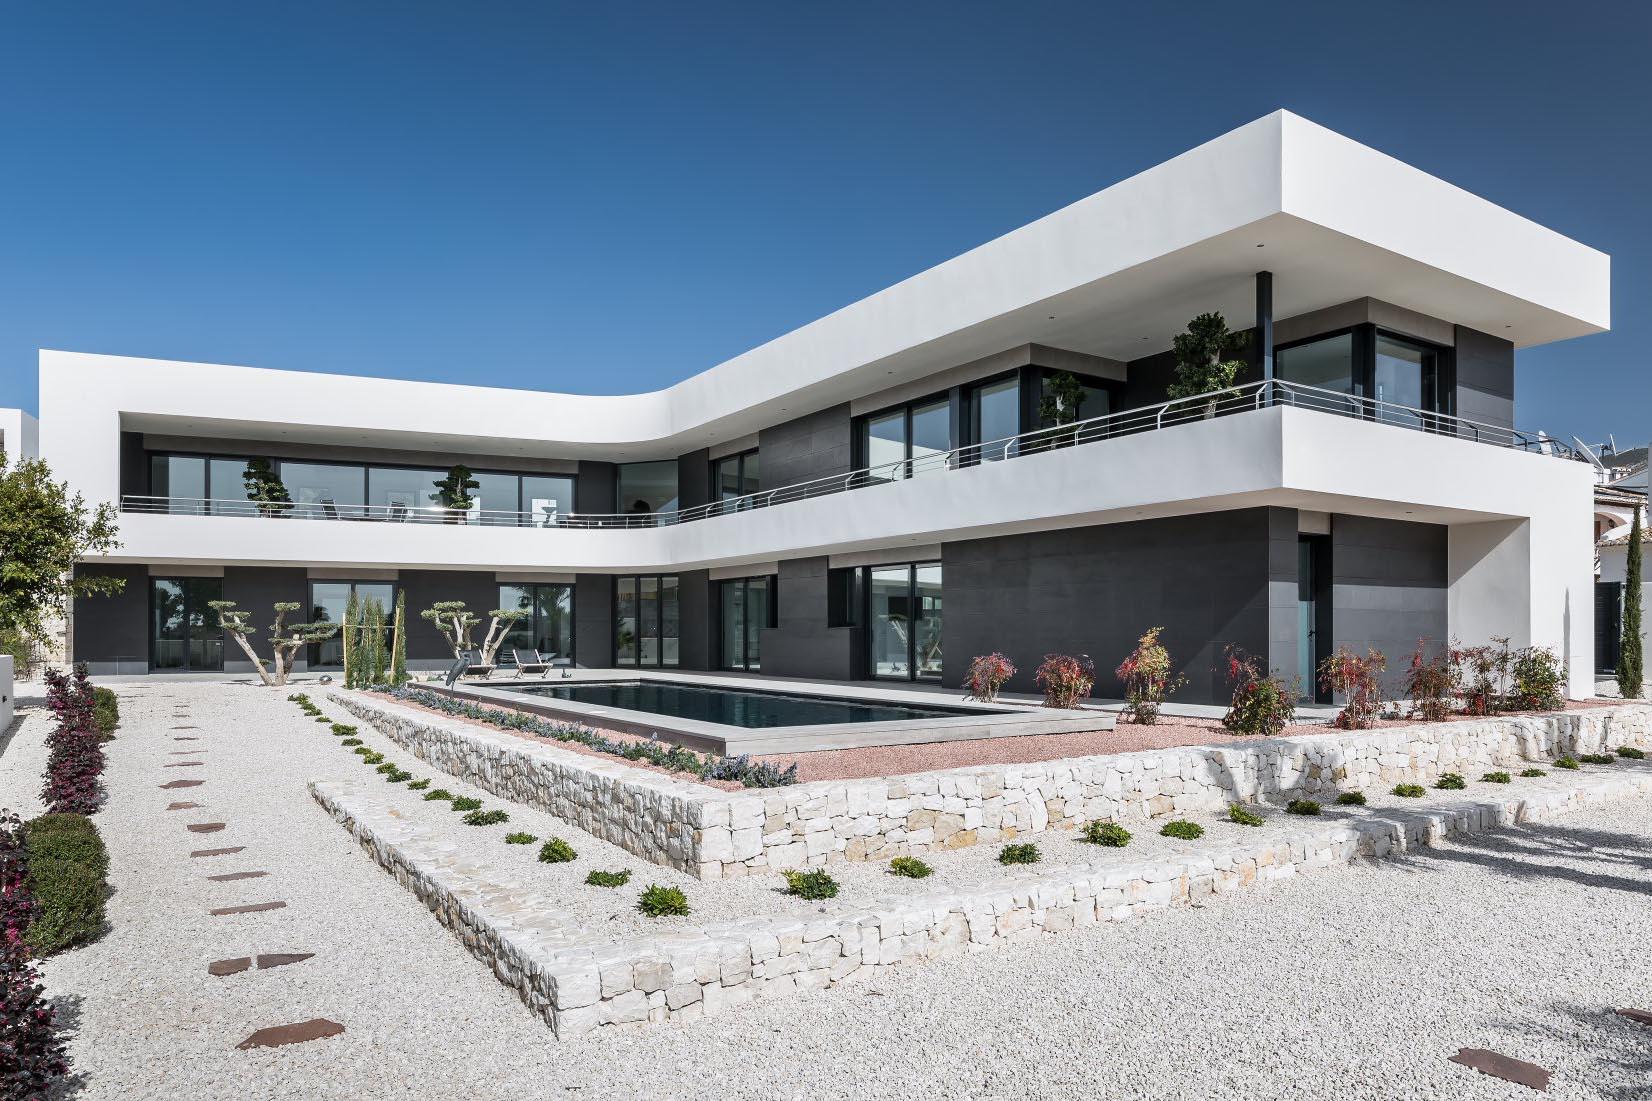 fotografia-arquitectura-valencia-alicante-moraira-german-cabo-pascual-giner (x)_portada